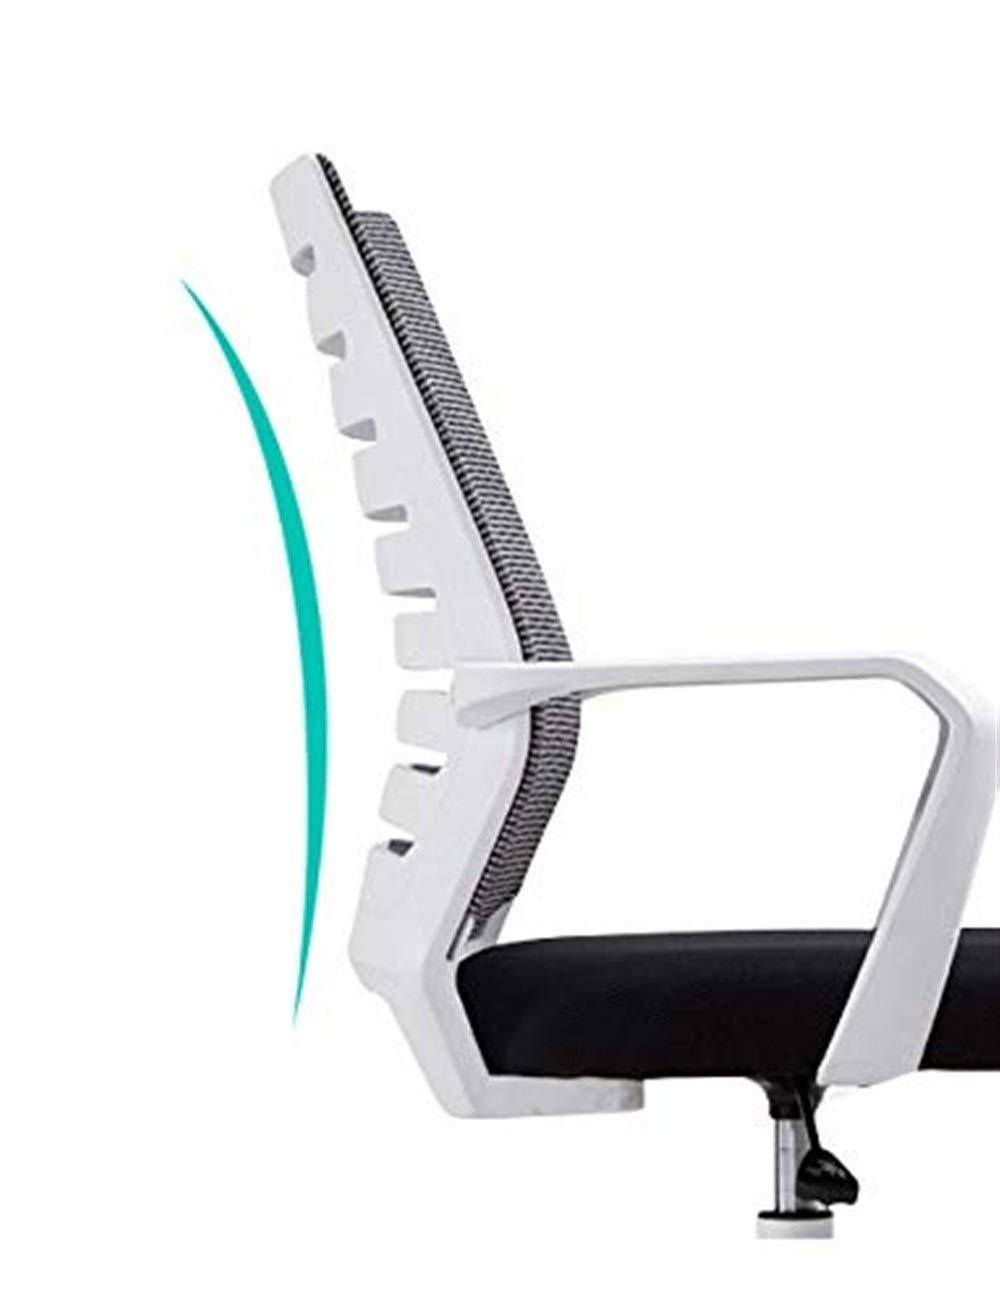 Kontorsstol konferensstol personalstol mottagningsstol svängbar stol hushåll arbetsstol datorstol GMING (färg: Grön) gRÖN